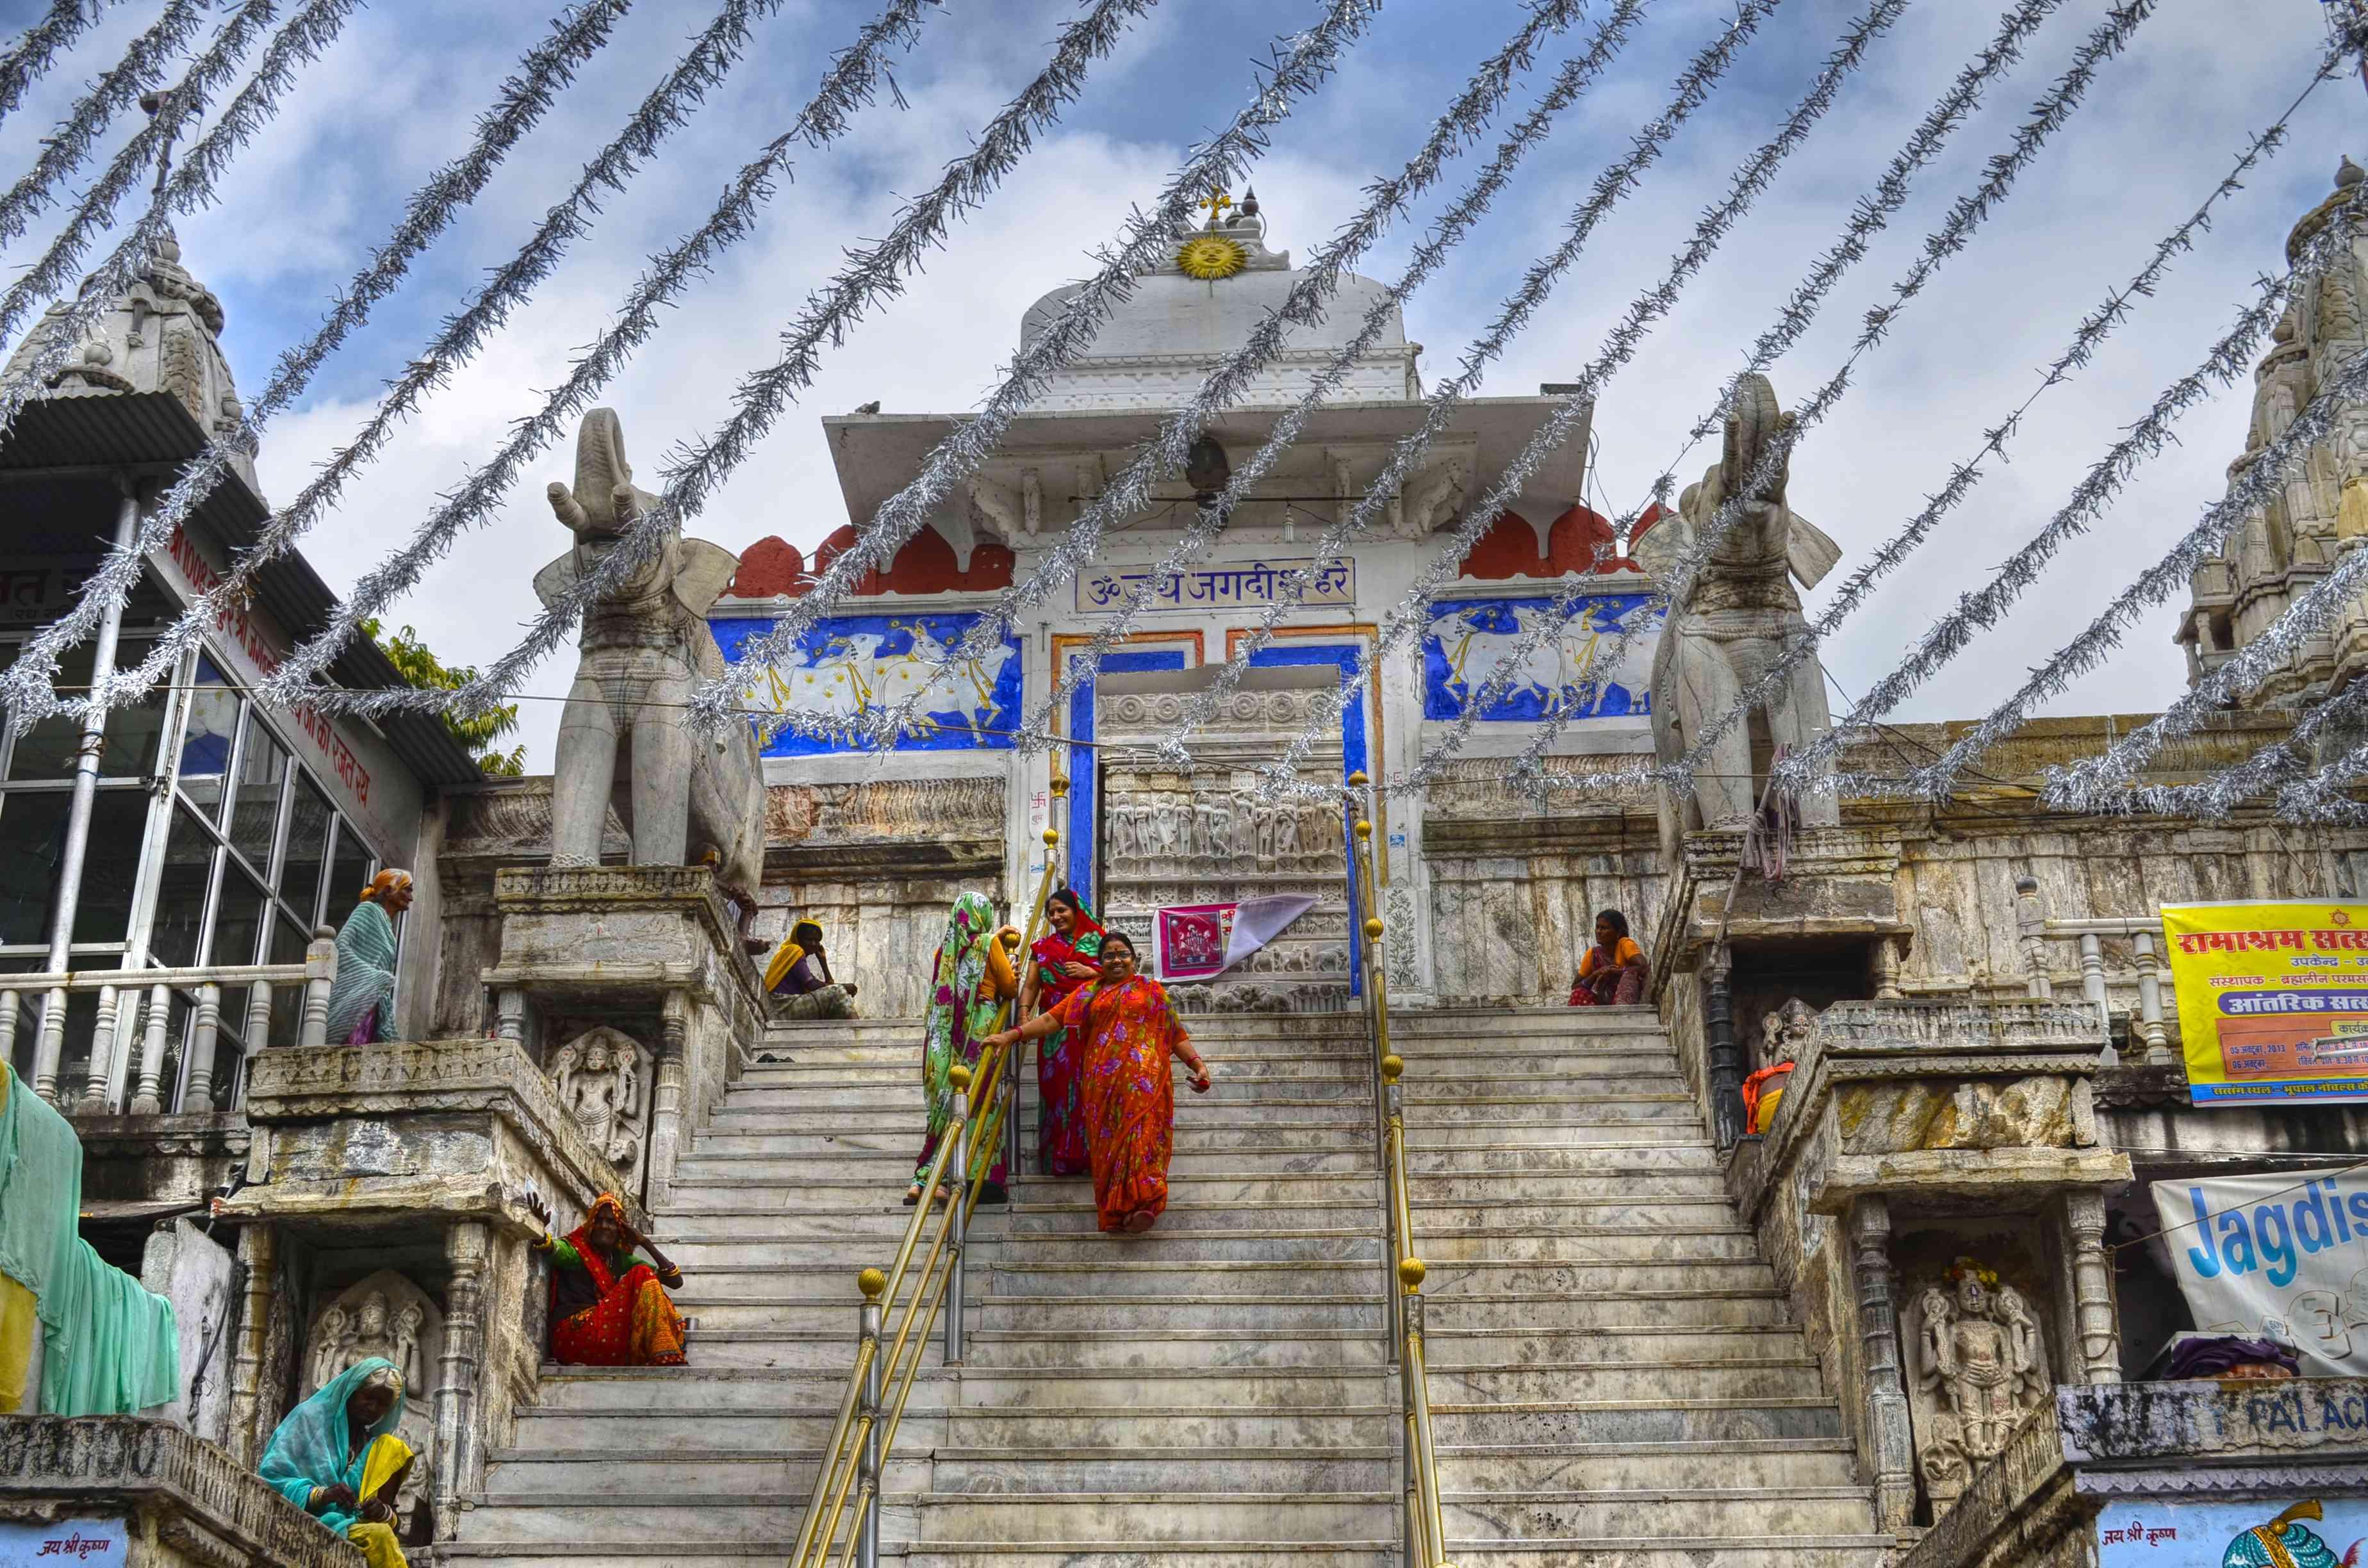 Jagdish temple, Udaipur.